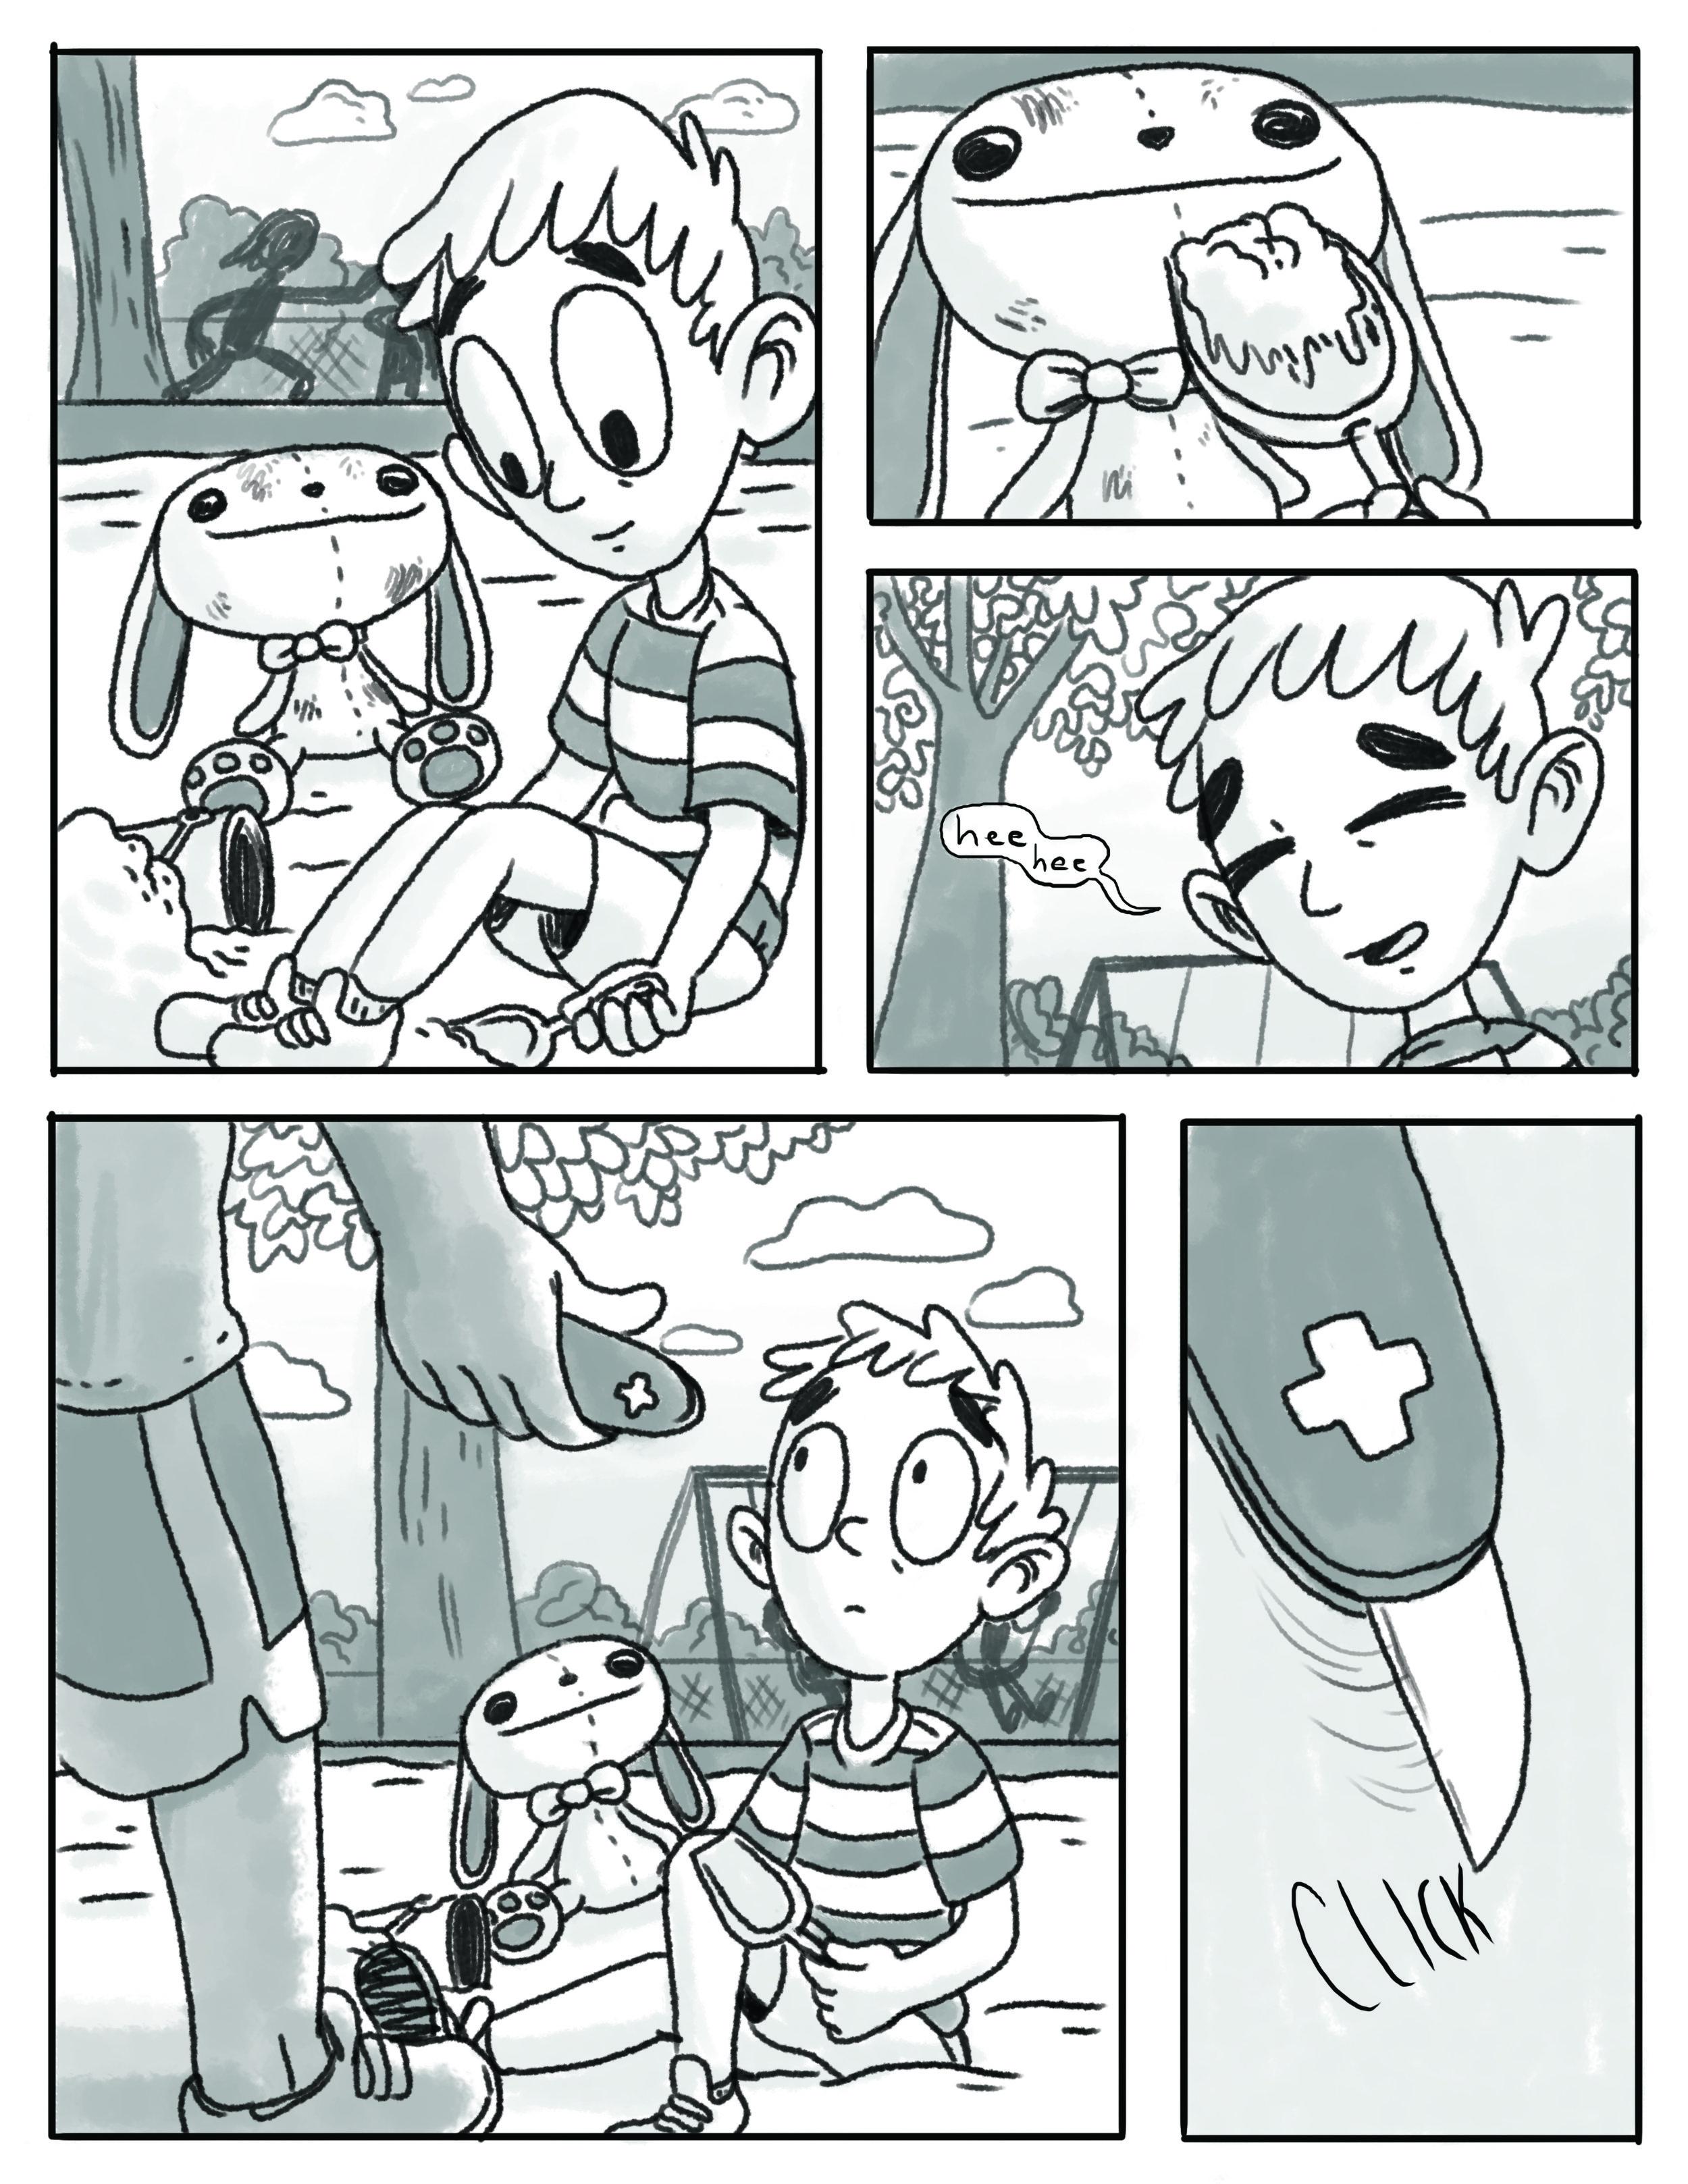 fluffy_page3.jpg